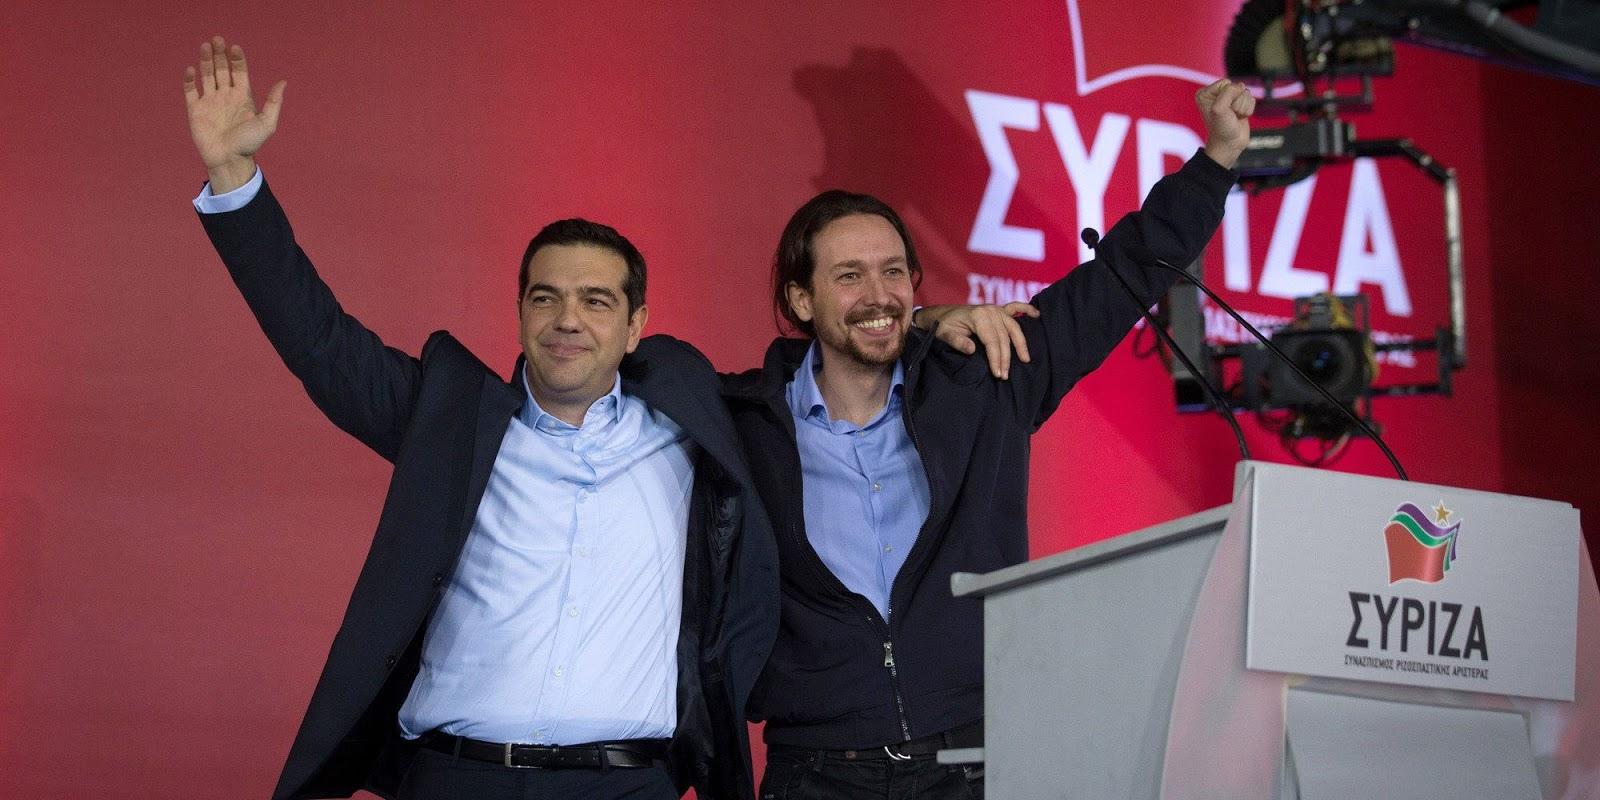 Σάλος με το σαλέ αξίας 540.000 ευρώ του Πάμπλο Ιγκλέσιας των Podemos